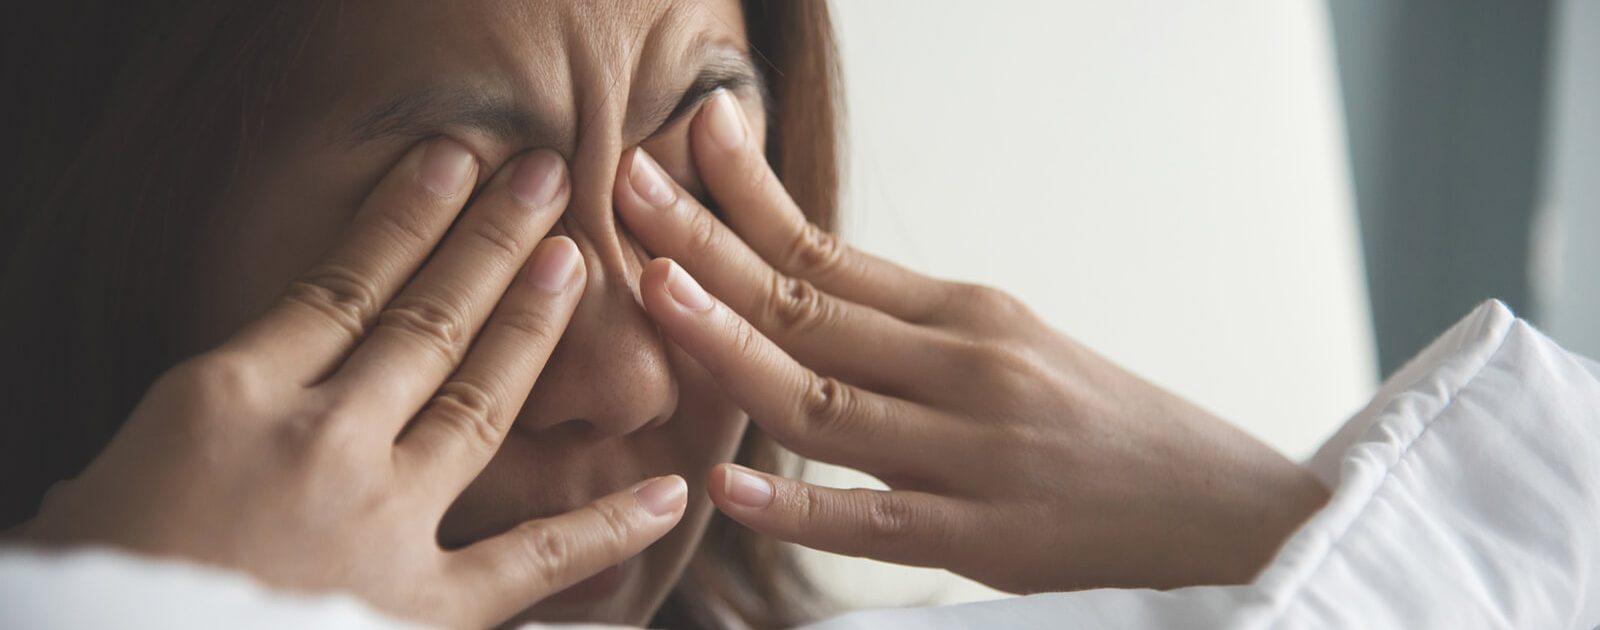 Bei einer Bindehautentzündung sollten sich Erkrankte nicht die Augen reiben.